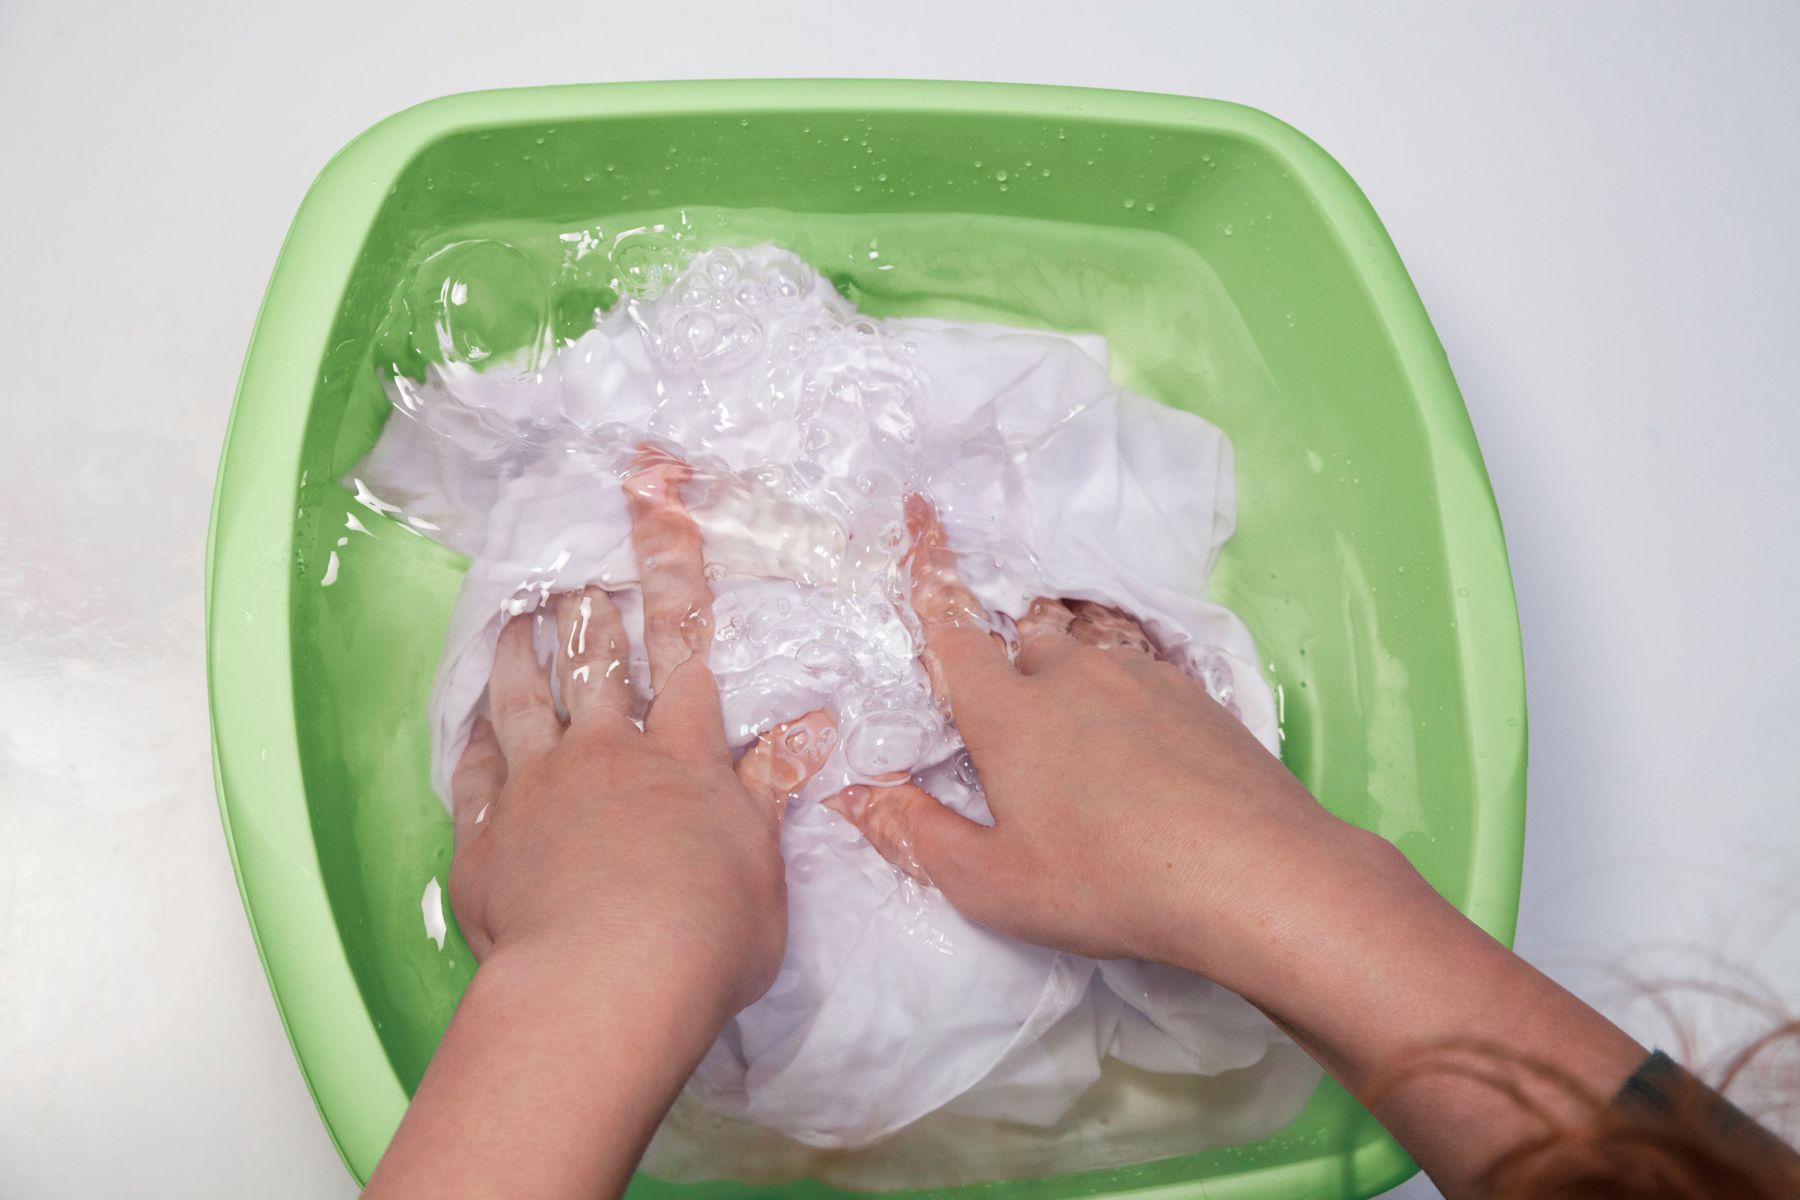 Cara Mencuci Baju Dengan Tangan Yang Benar Cleanipedia Cara mencuci pakaian yang benar